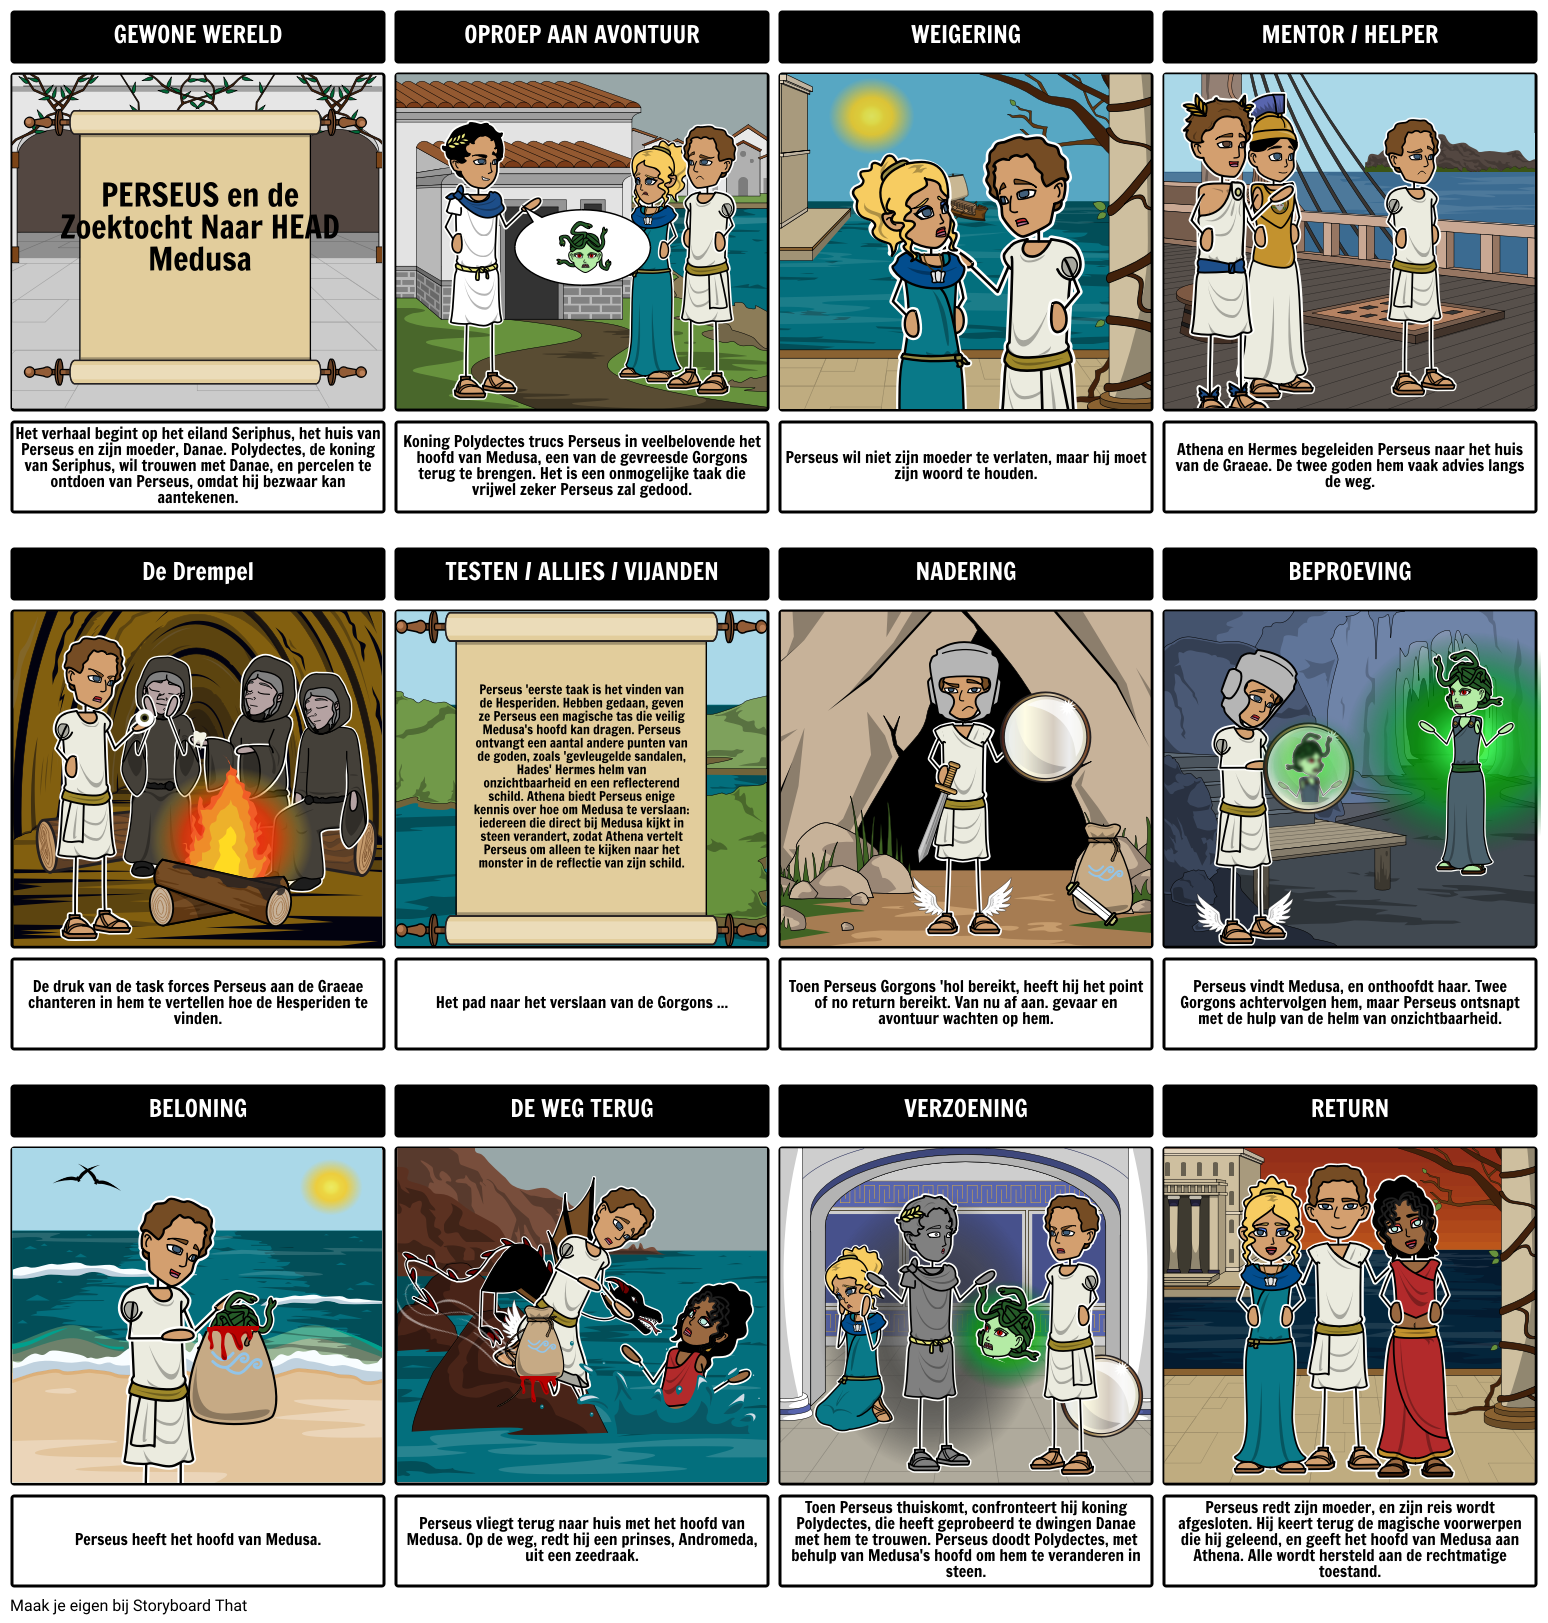 Griekse Mythologie - Hero's Journey van Perseus